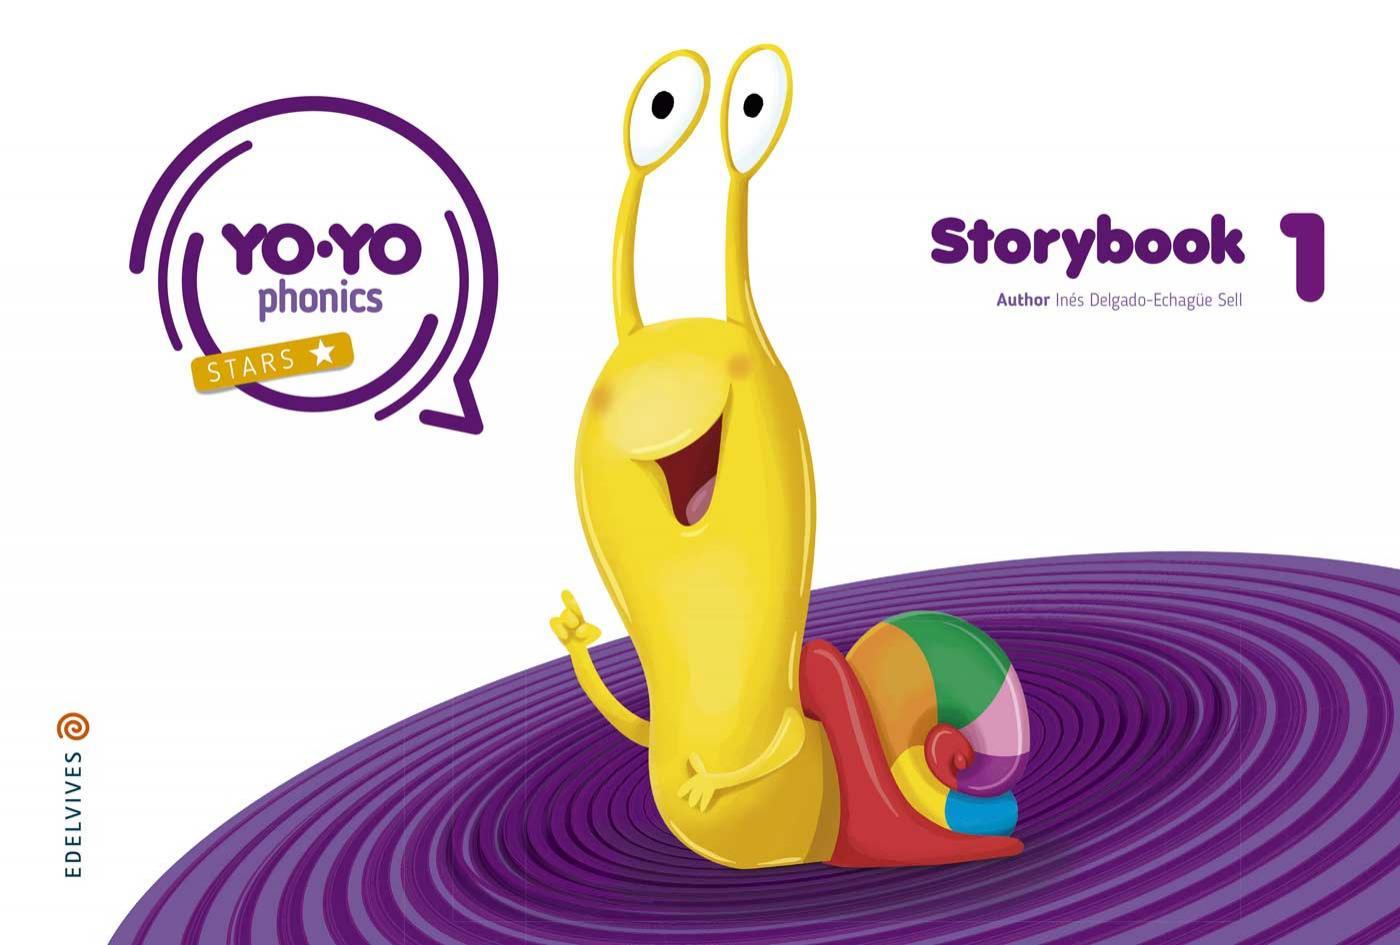 LIBRO DE TEXTO - 2 INFANTIL YOYO PHONICS STORYBOOK 1 4 AÑOS